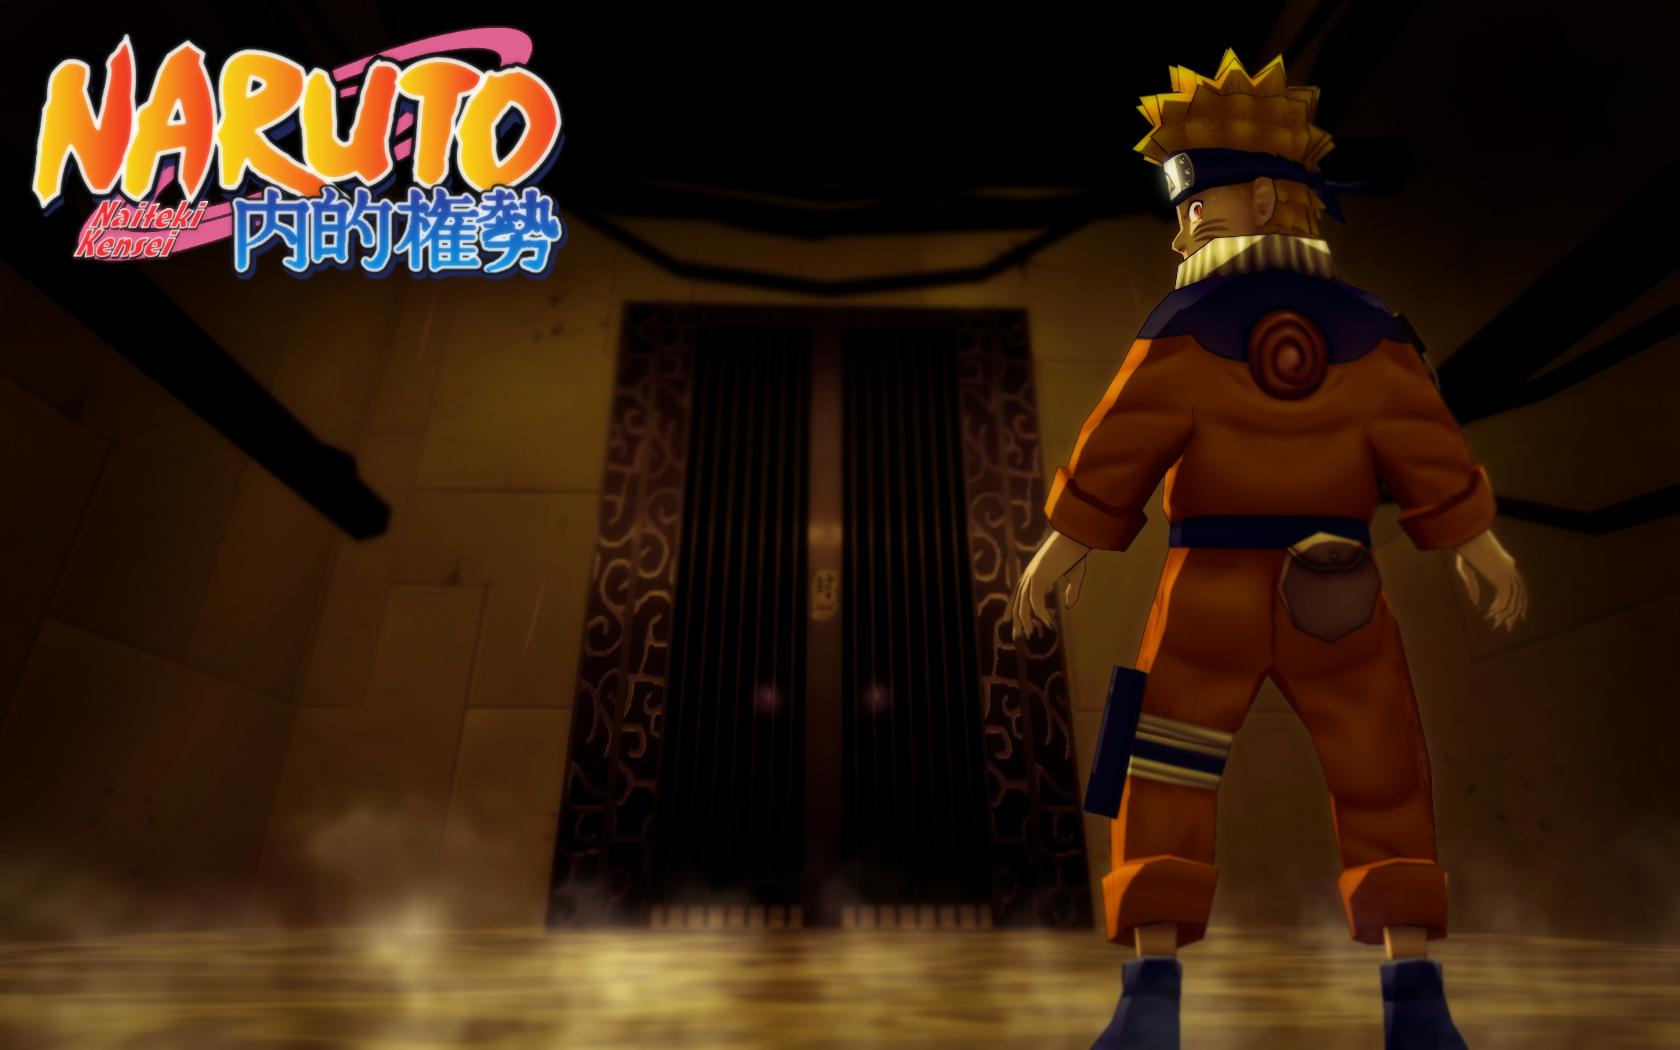 Kyuubi Lair Wallpaper 1 image - Naruto: Naiteki Kensei - Mod DB